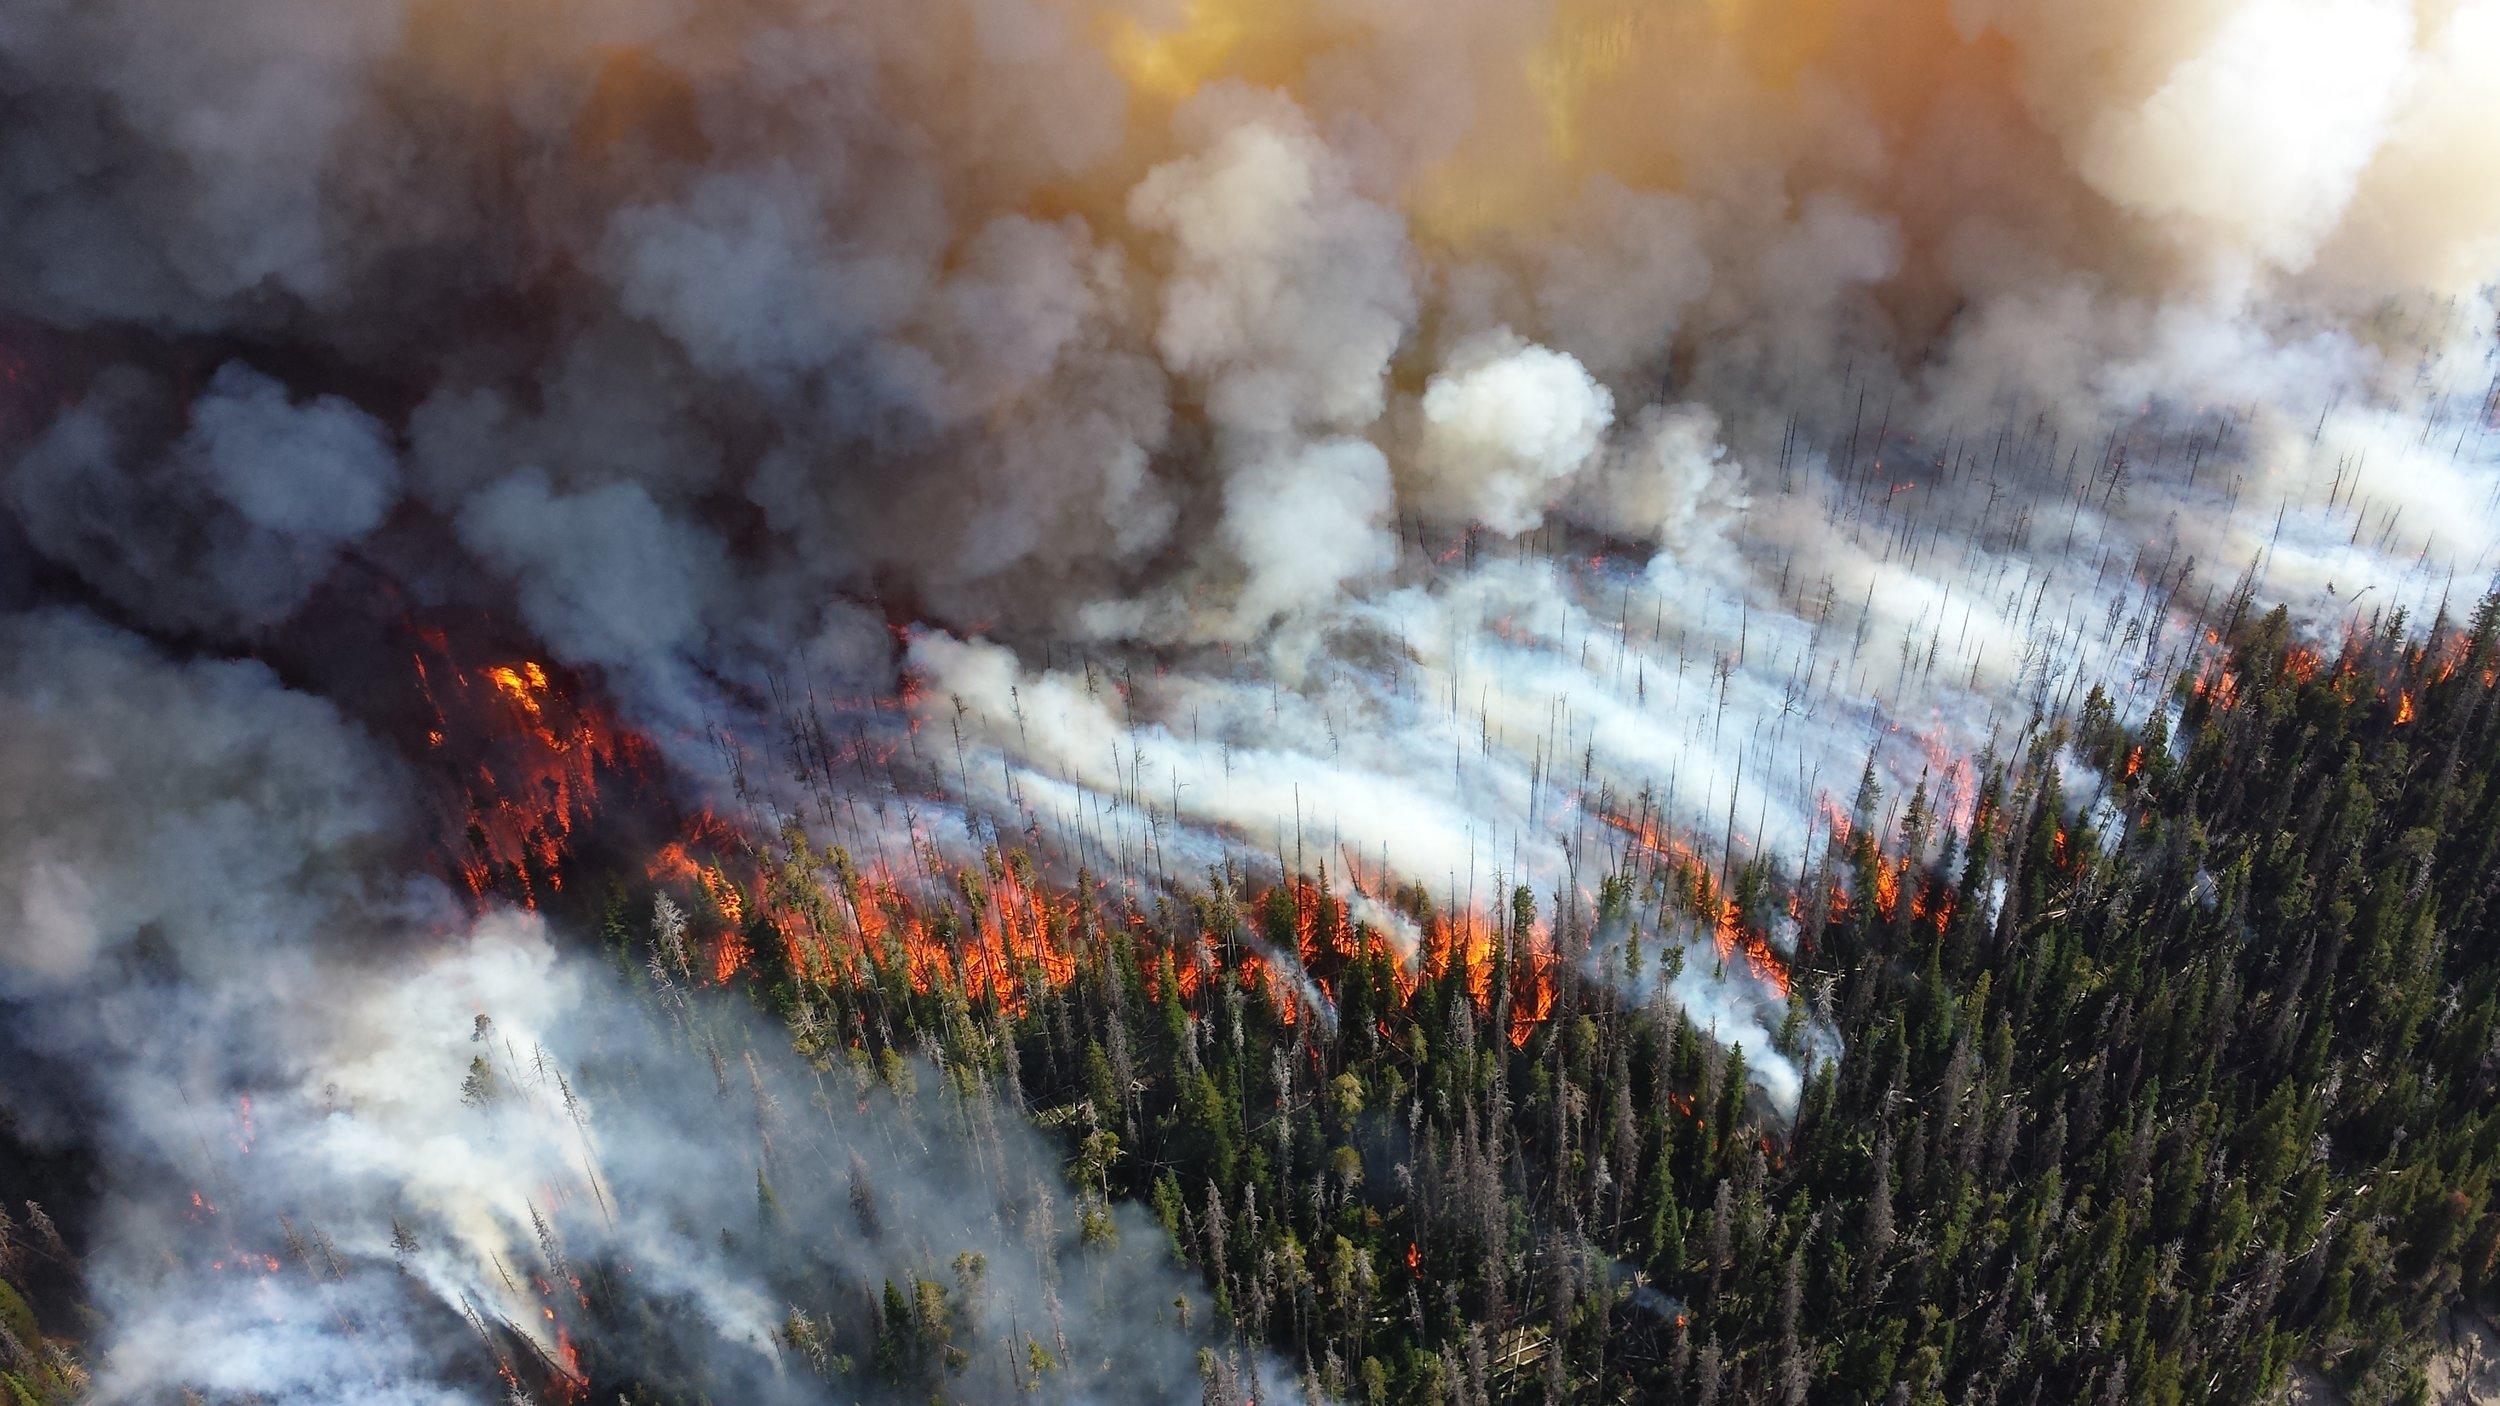 nps-fire-photo.jpg